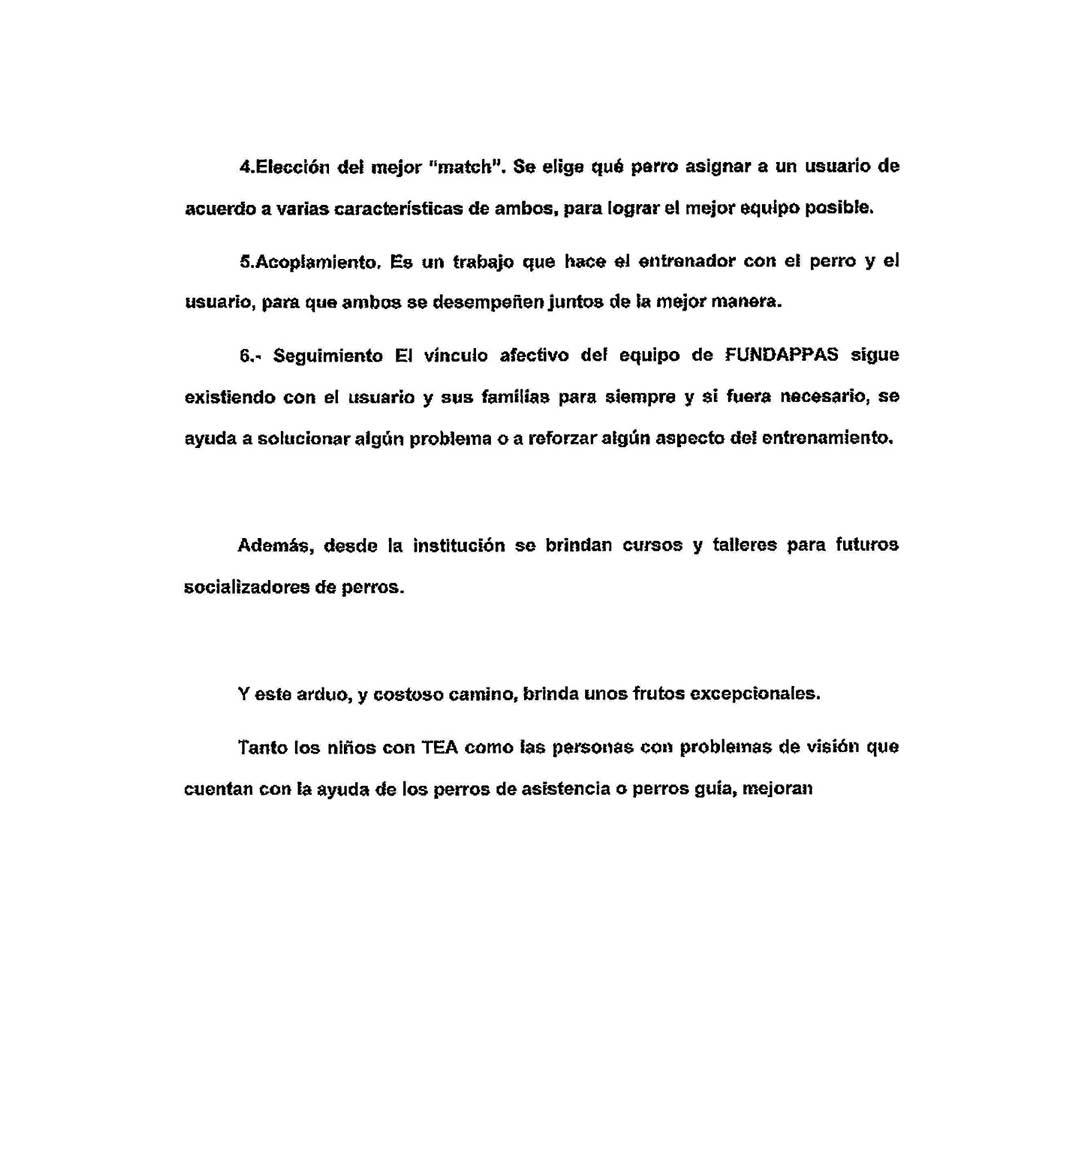 Increíble Asistente Legal Se Reanuda De Hecho Ideas - Ejemplo De ...